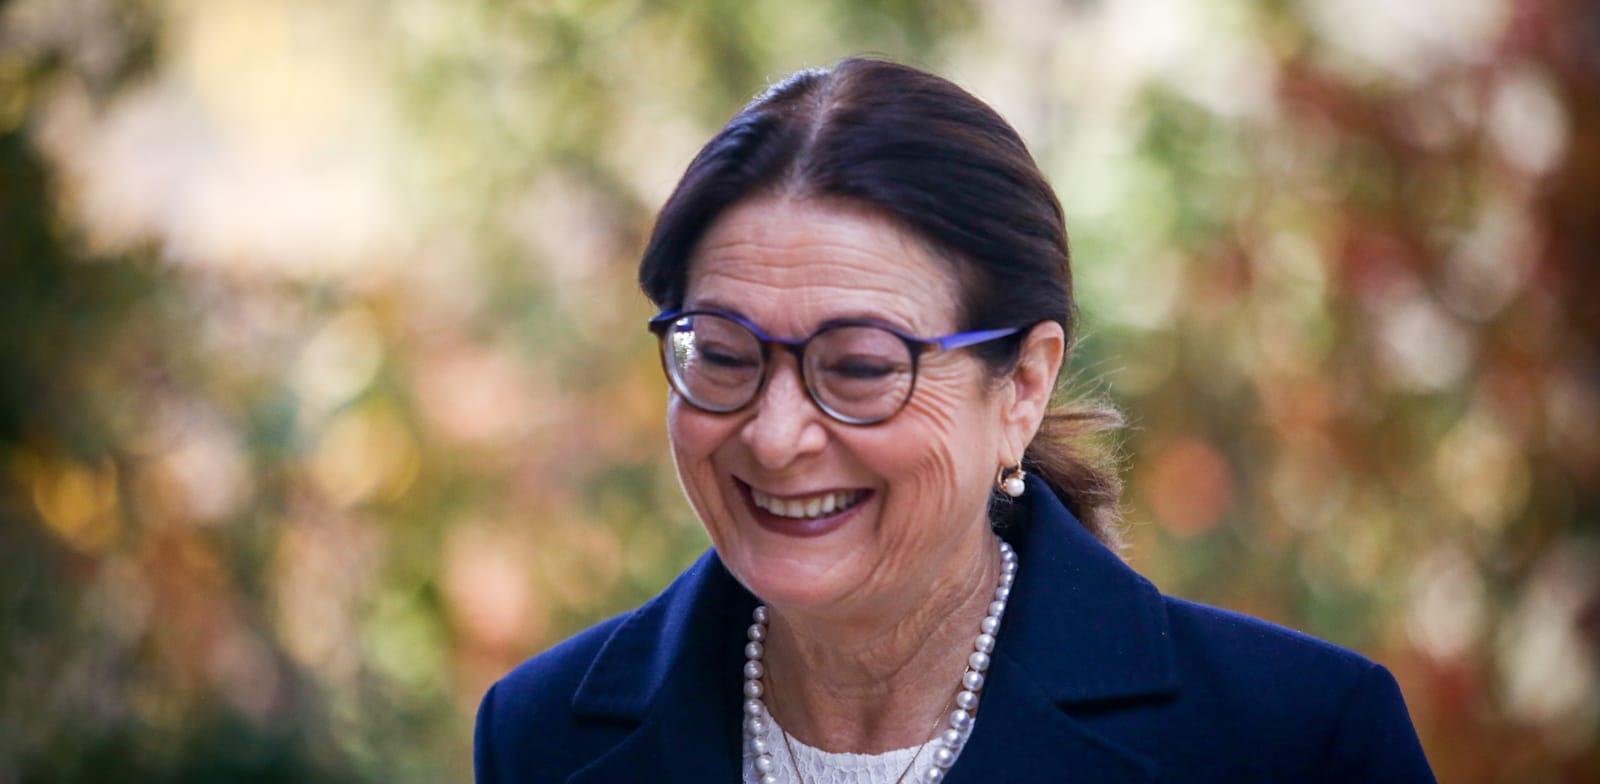 נשיאת בית המשפט העליון, השופטת אסתר חיות / צילום: שלומי יוסף